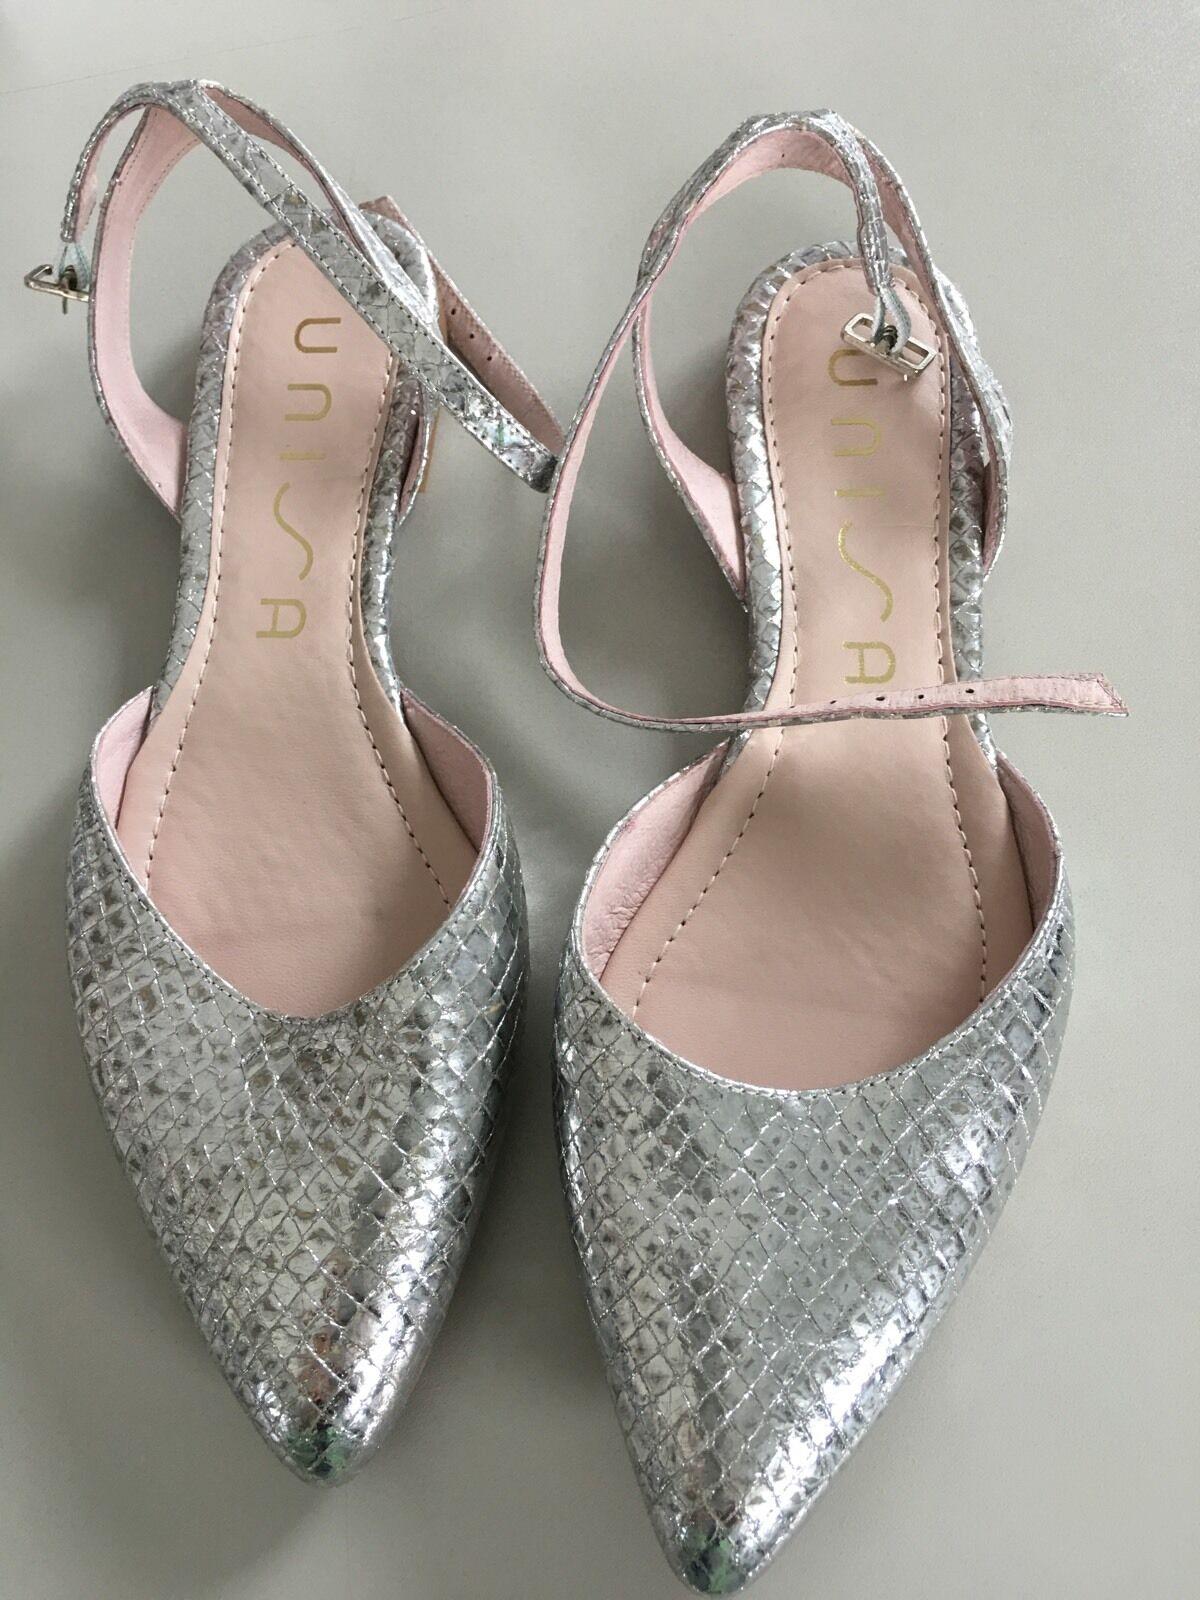 Unisa Ballerinas Riemchenballerina Damen Schuhe Silber Shimmer SCHICK NEU SCHICK Shimmer 104820